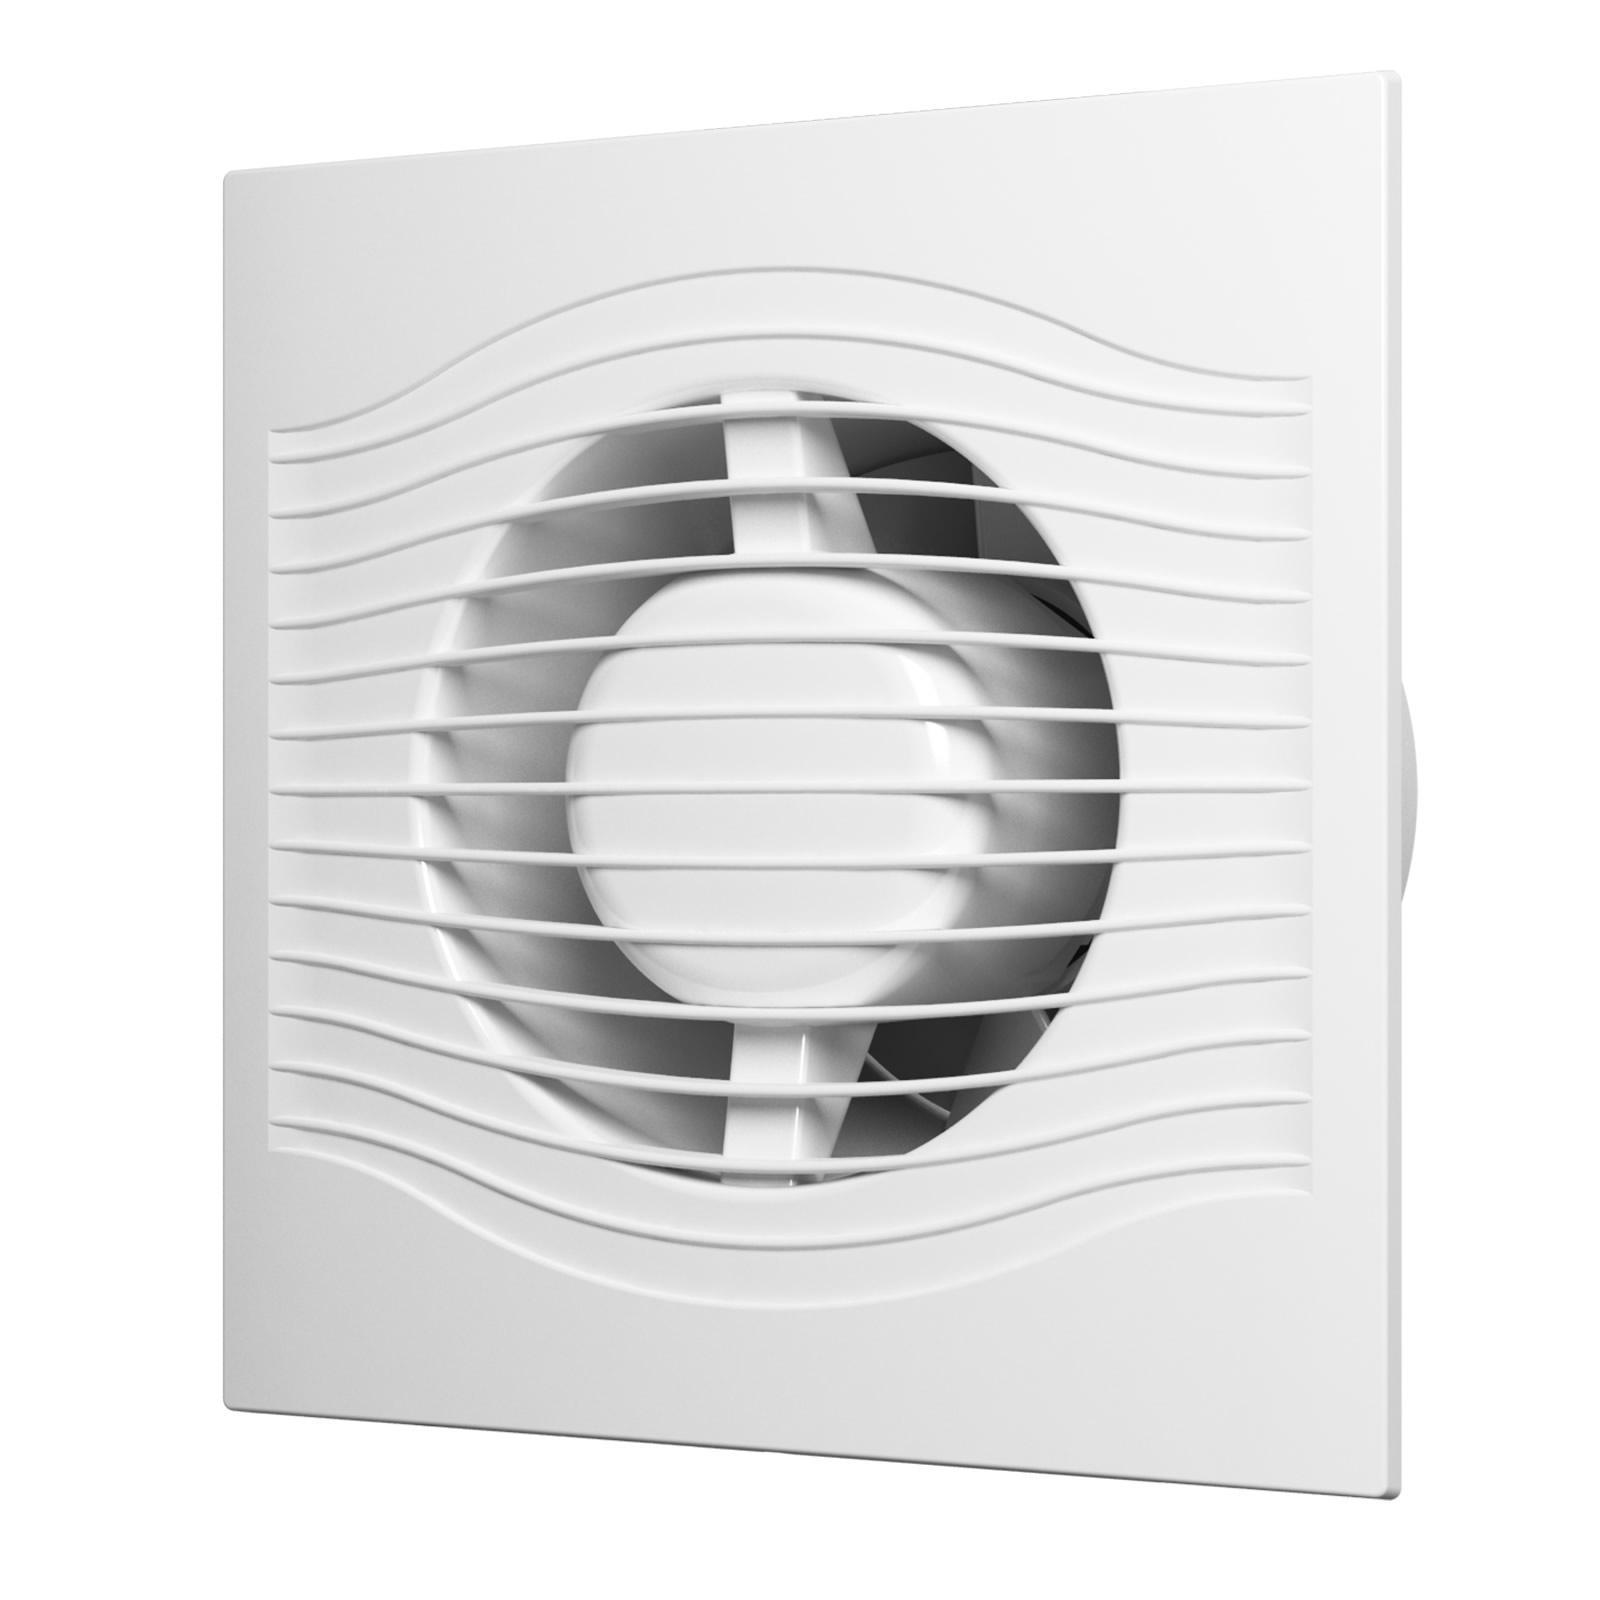 Вентилятор Diciti Slim 5c mr-02